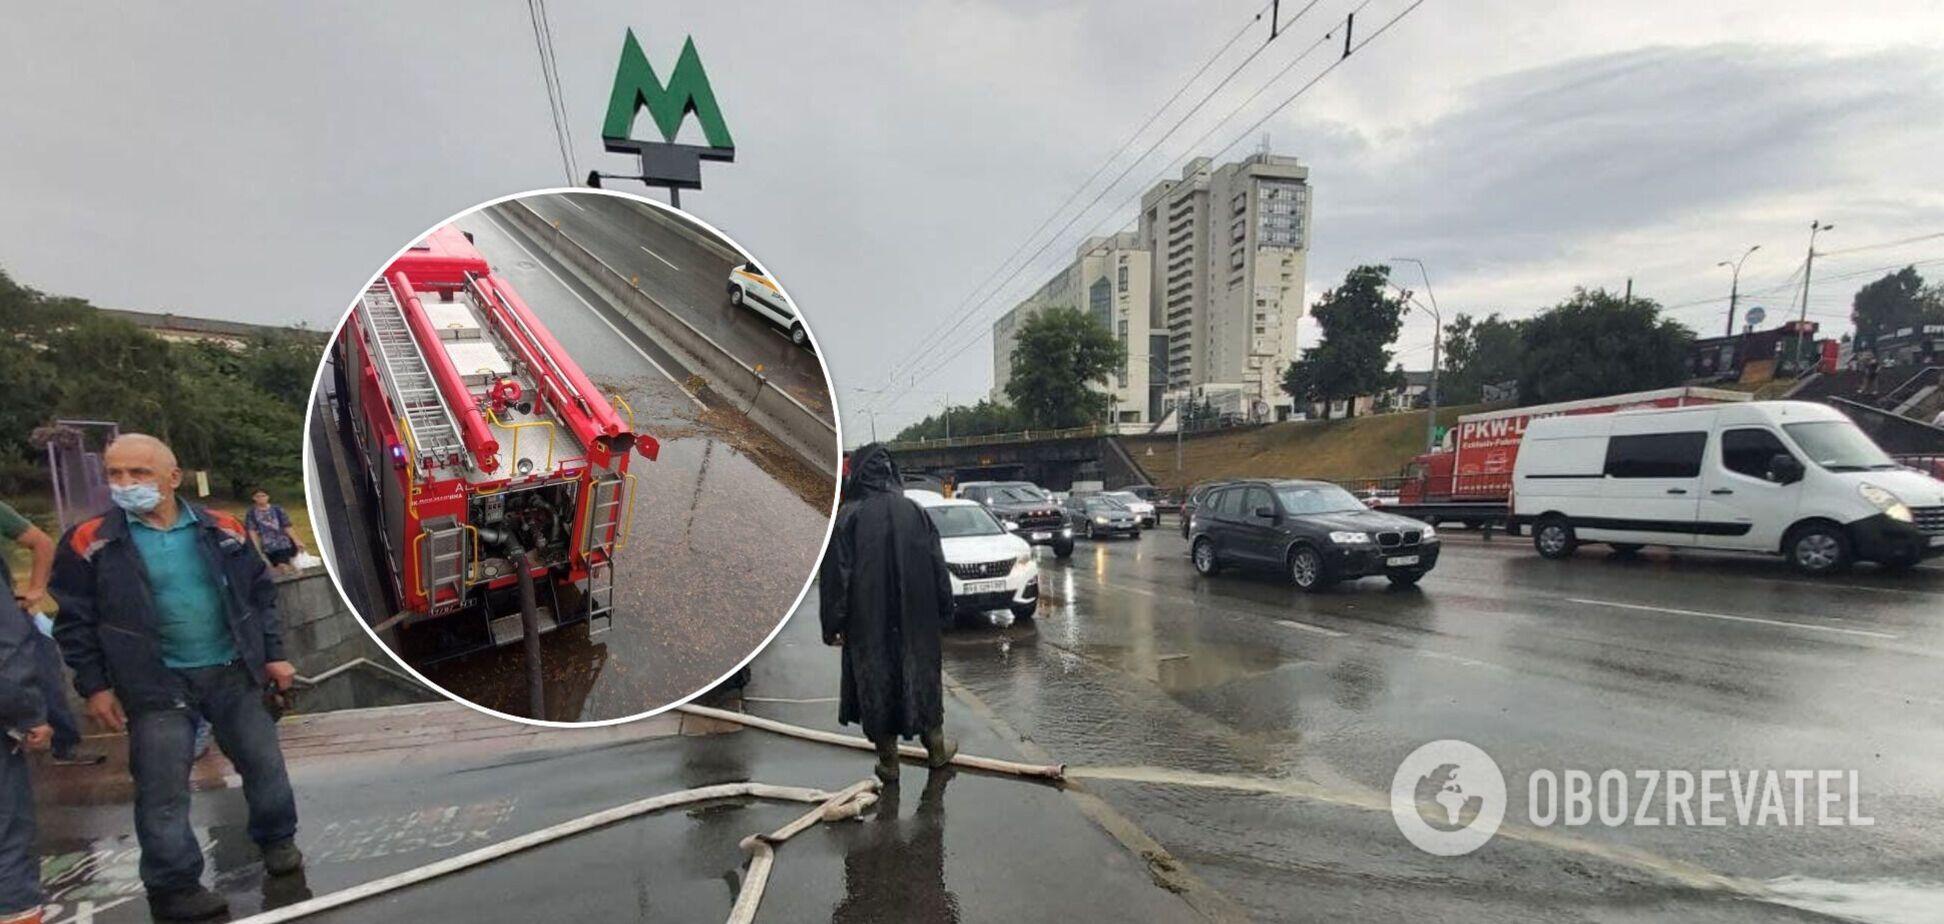 Ливень, накрывший Киев, стал рекордным: Кличко рассказал, как коммунальщики борются со стихией